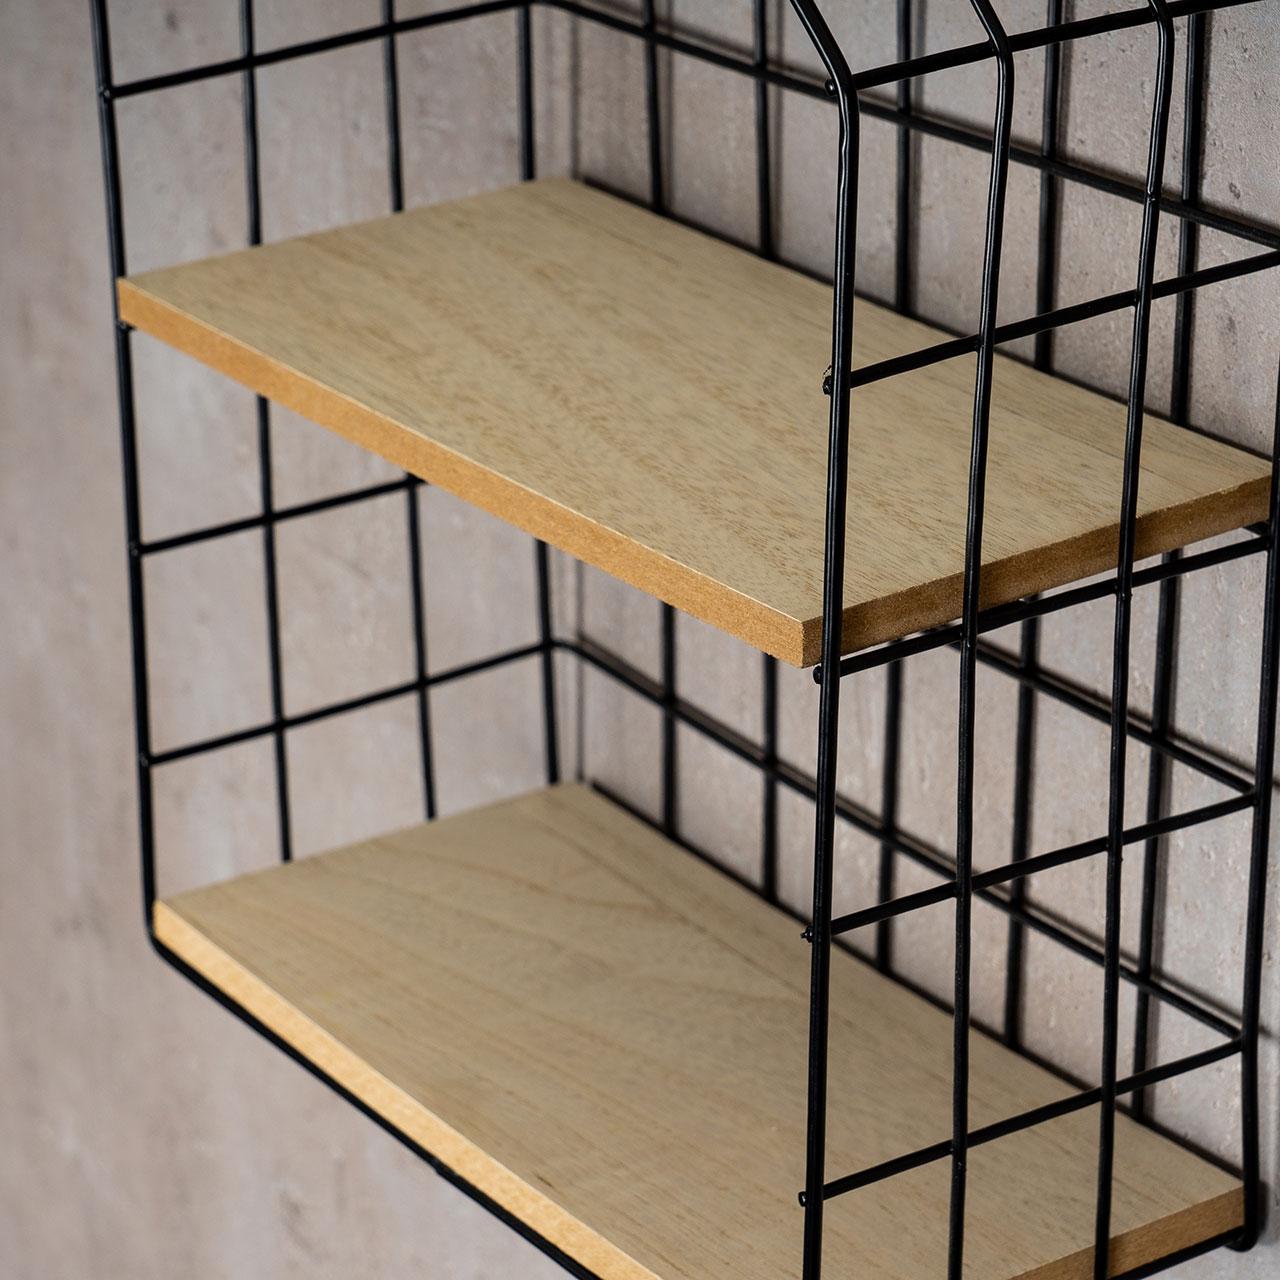 Full Size of Wandregal Metall Schwarz Regal 22x32cm Industrial Style Hngeregal Bett Weiß Schwarzes Bad Schwarze Küche Regale Landhaus Wohnzimmer Wandregal Metall Schwarz